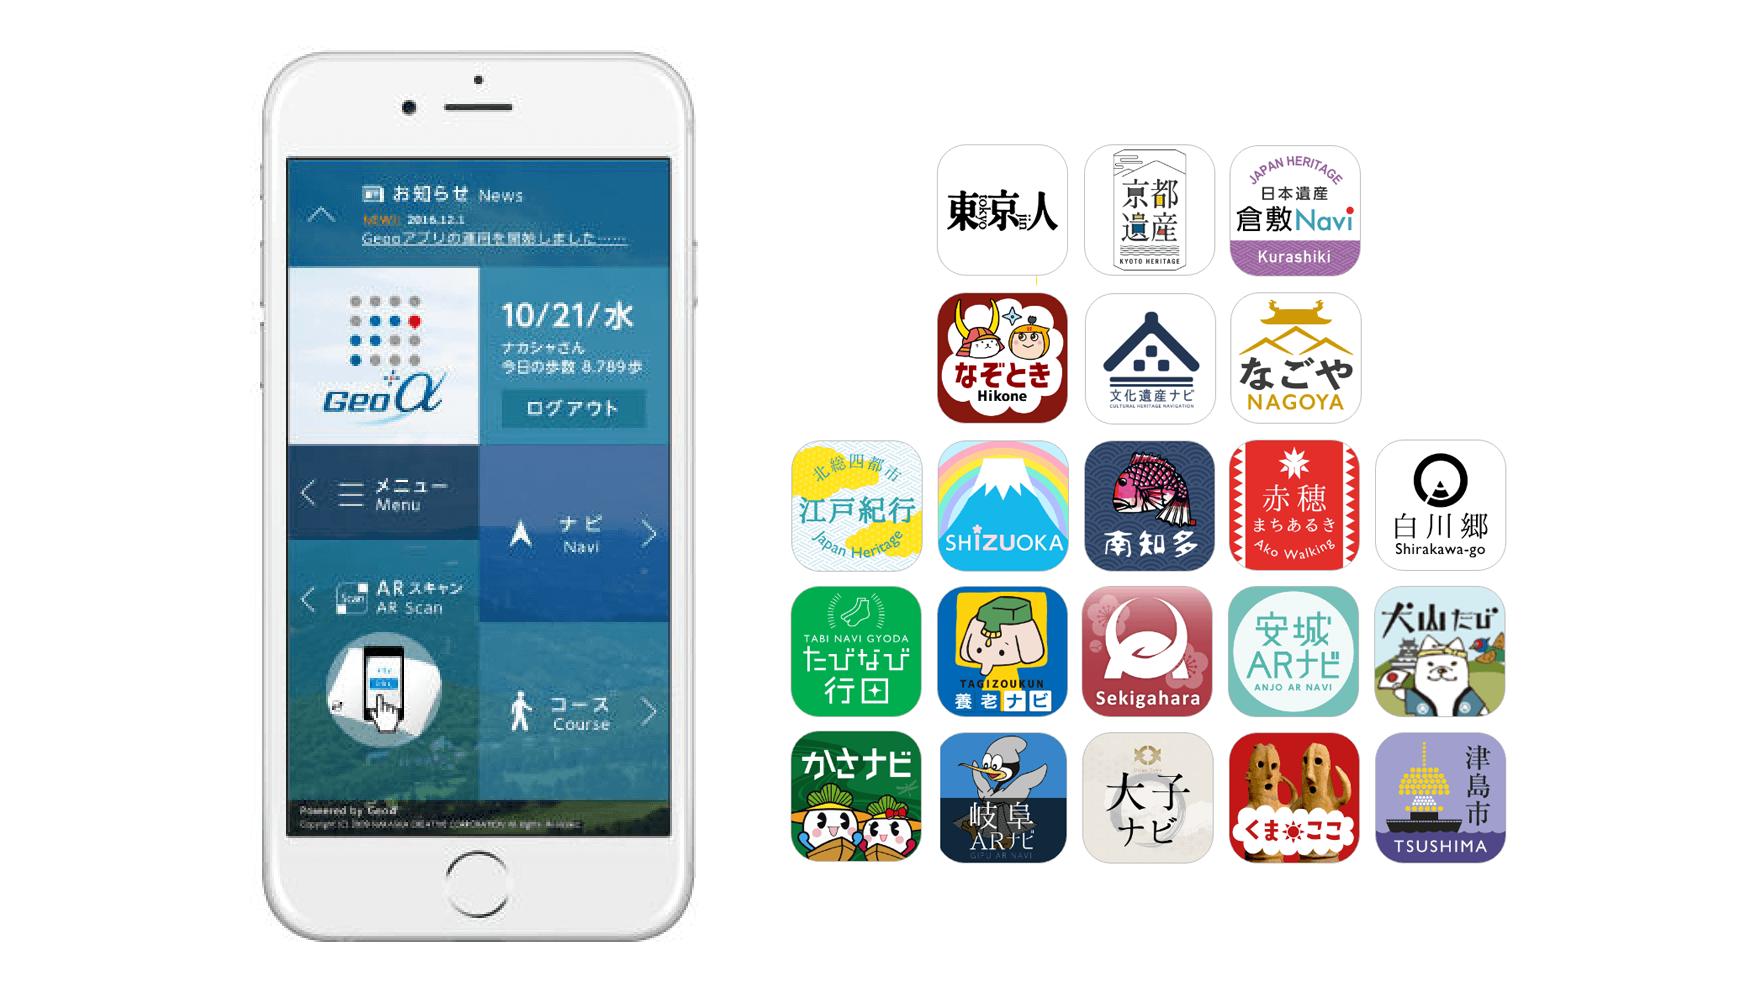 【Geoα】現在リリースされている観光アプリの一覧